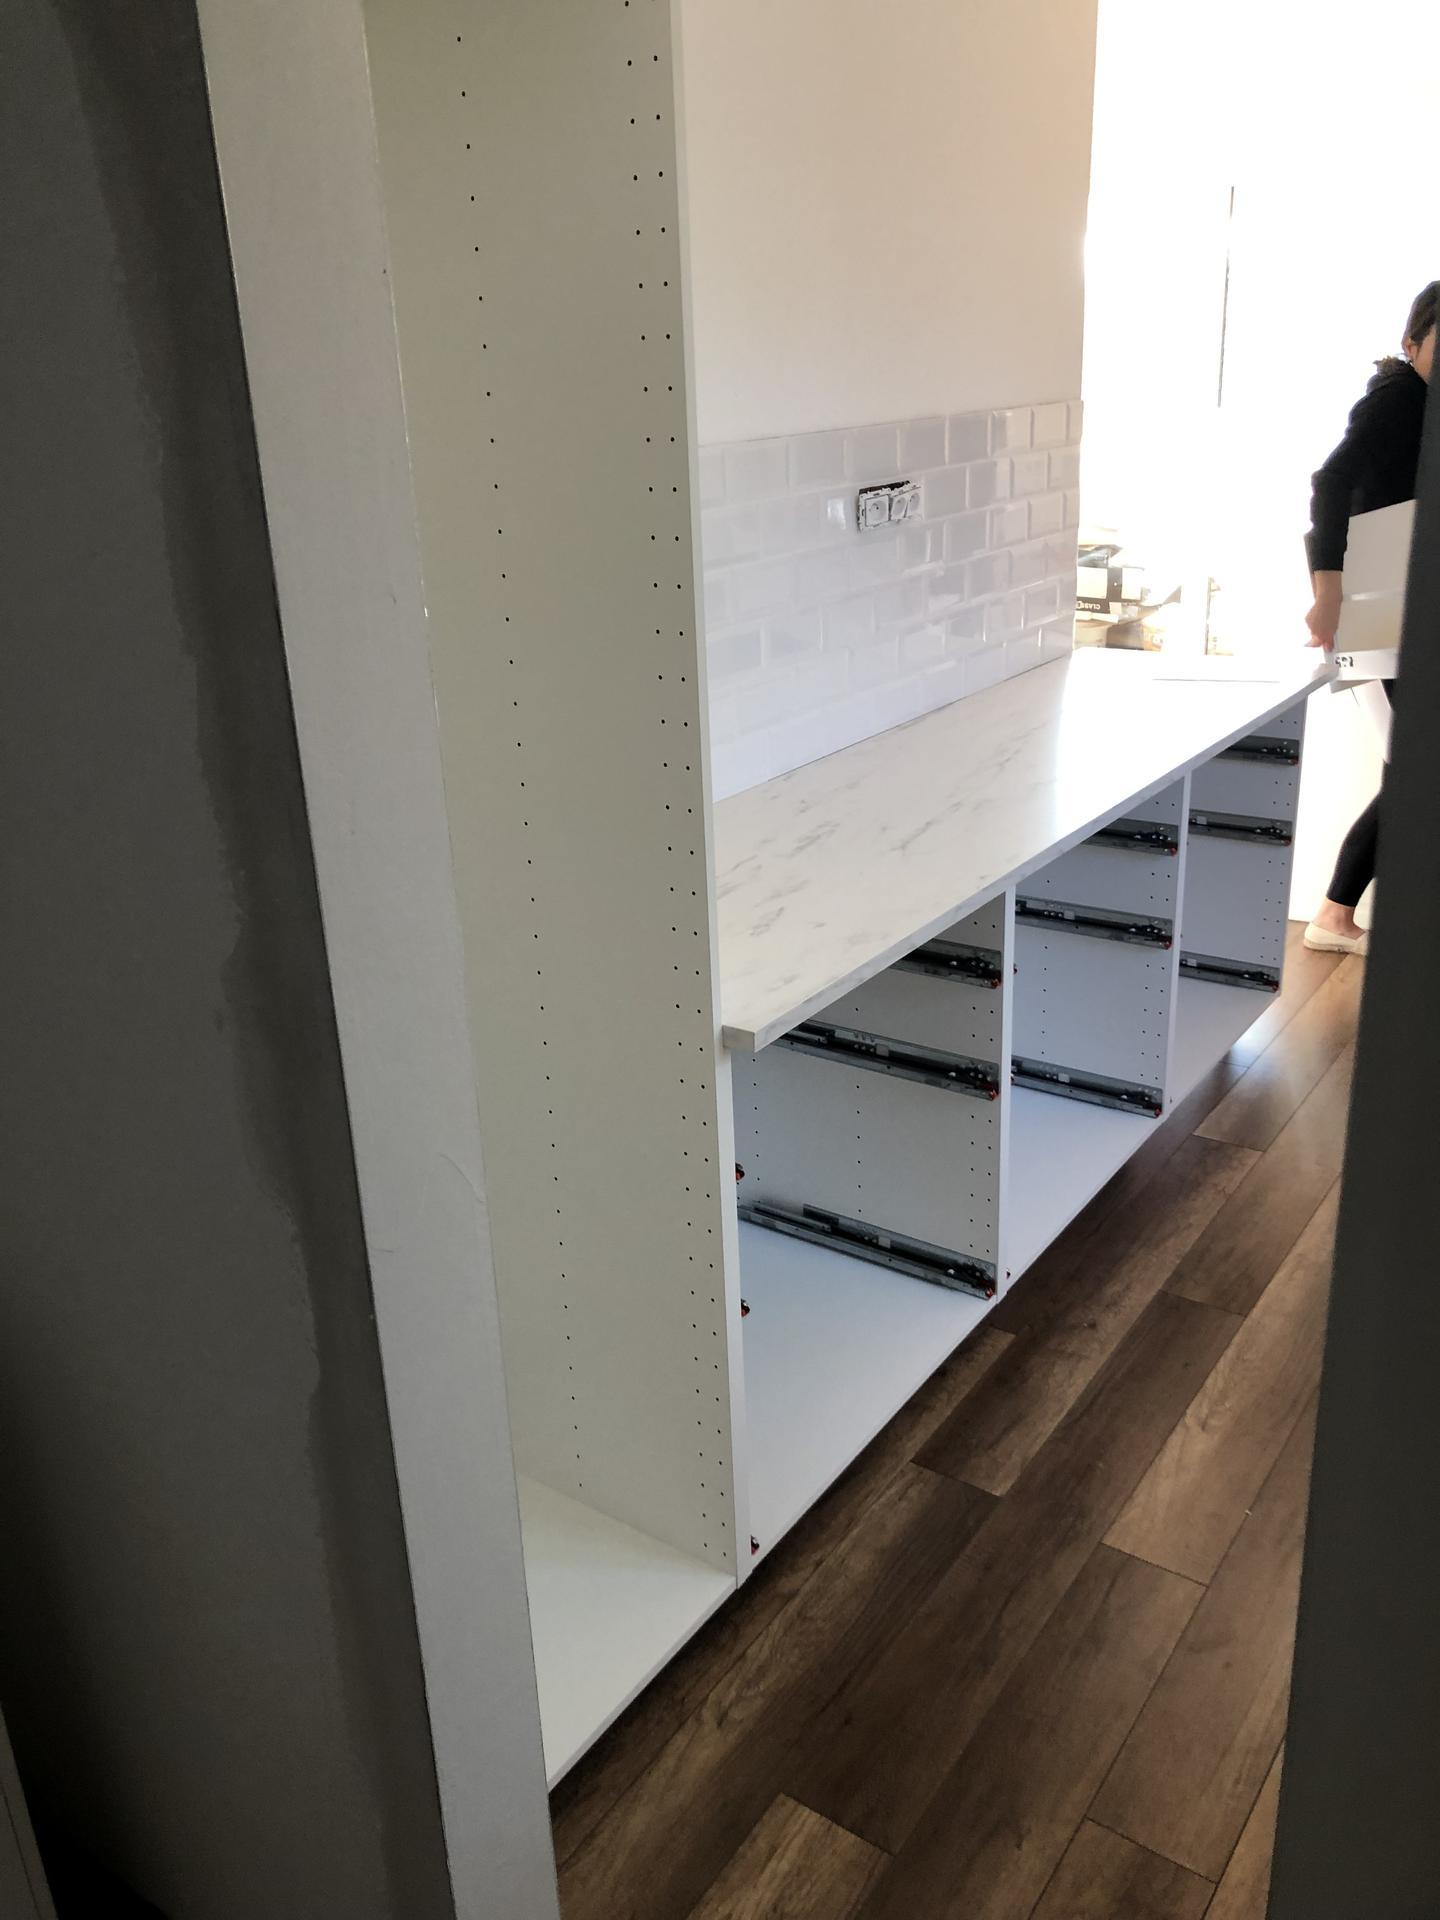 Naše prvé vlastné bývanie - Uz aj kuchyna zacina vyzerat ako kuchyna 😍